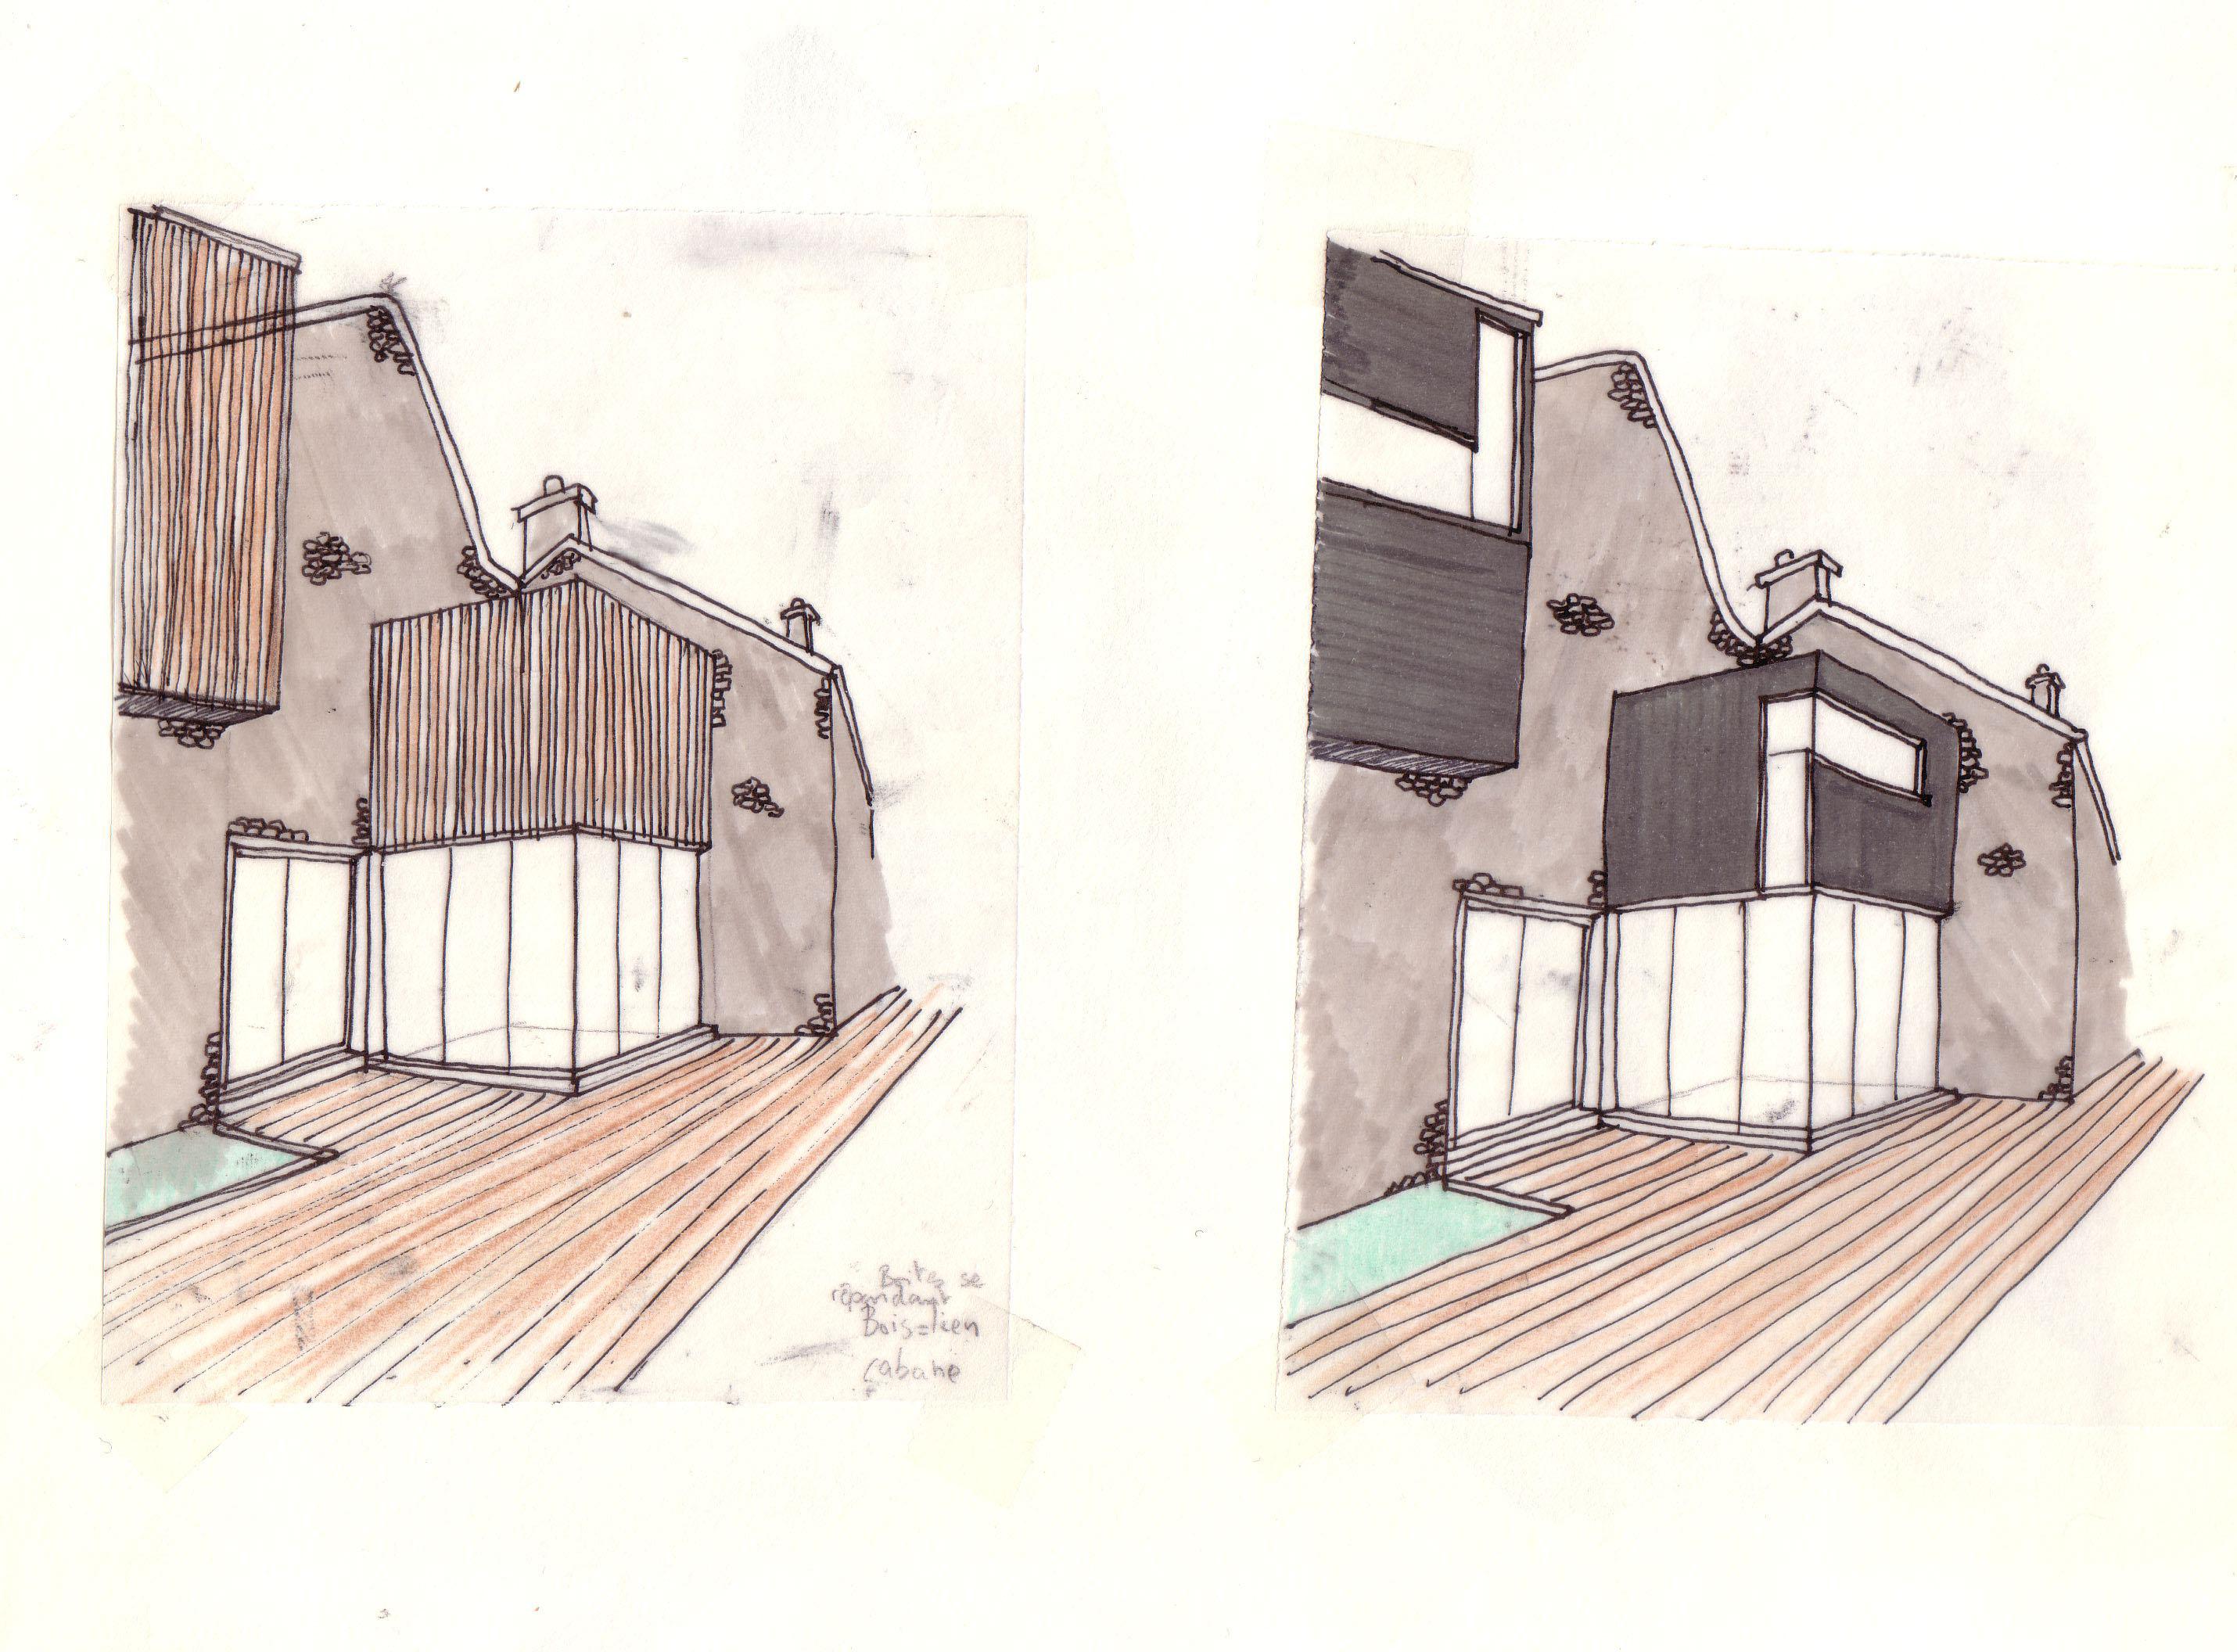 COLET-dessin-3.jpg